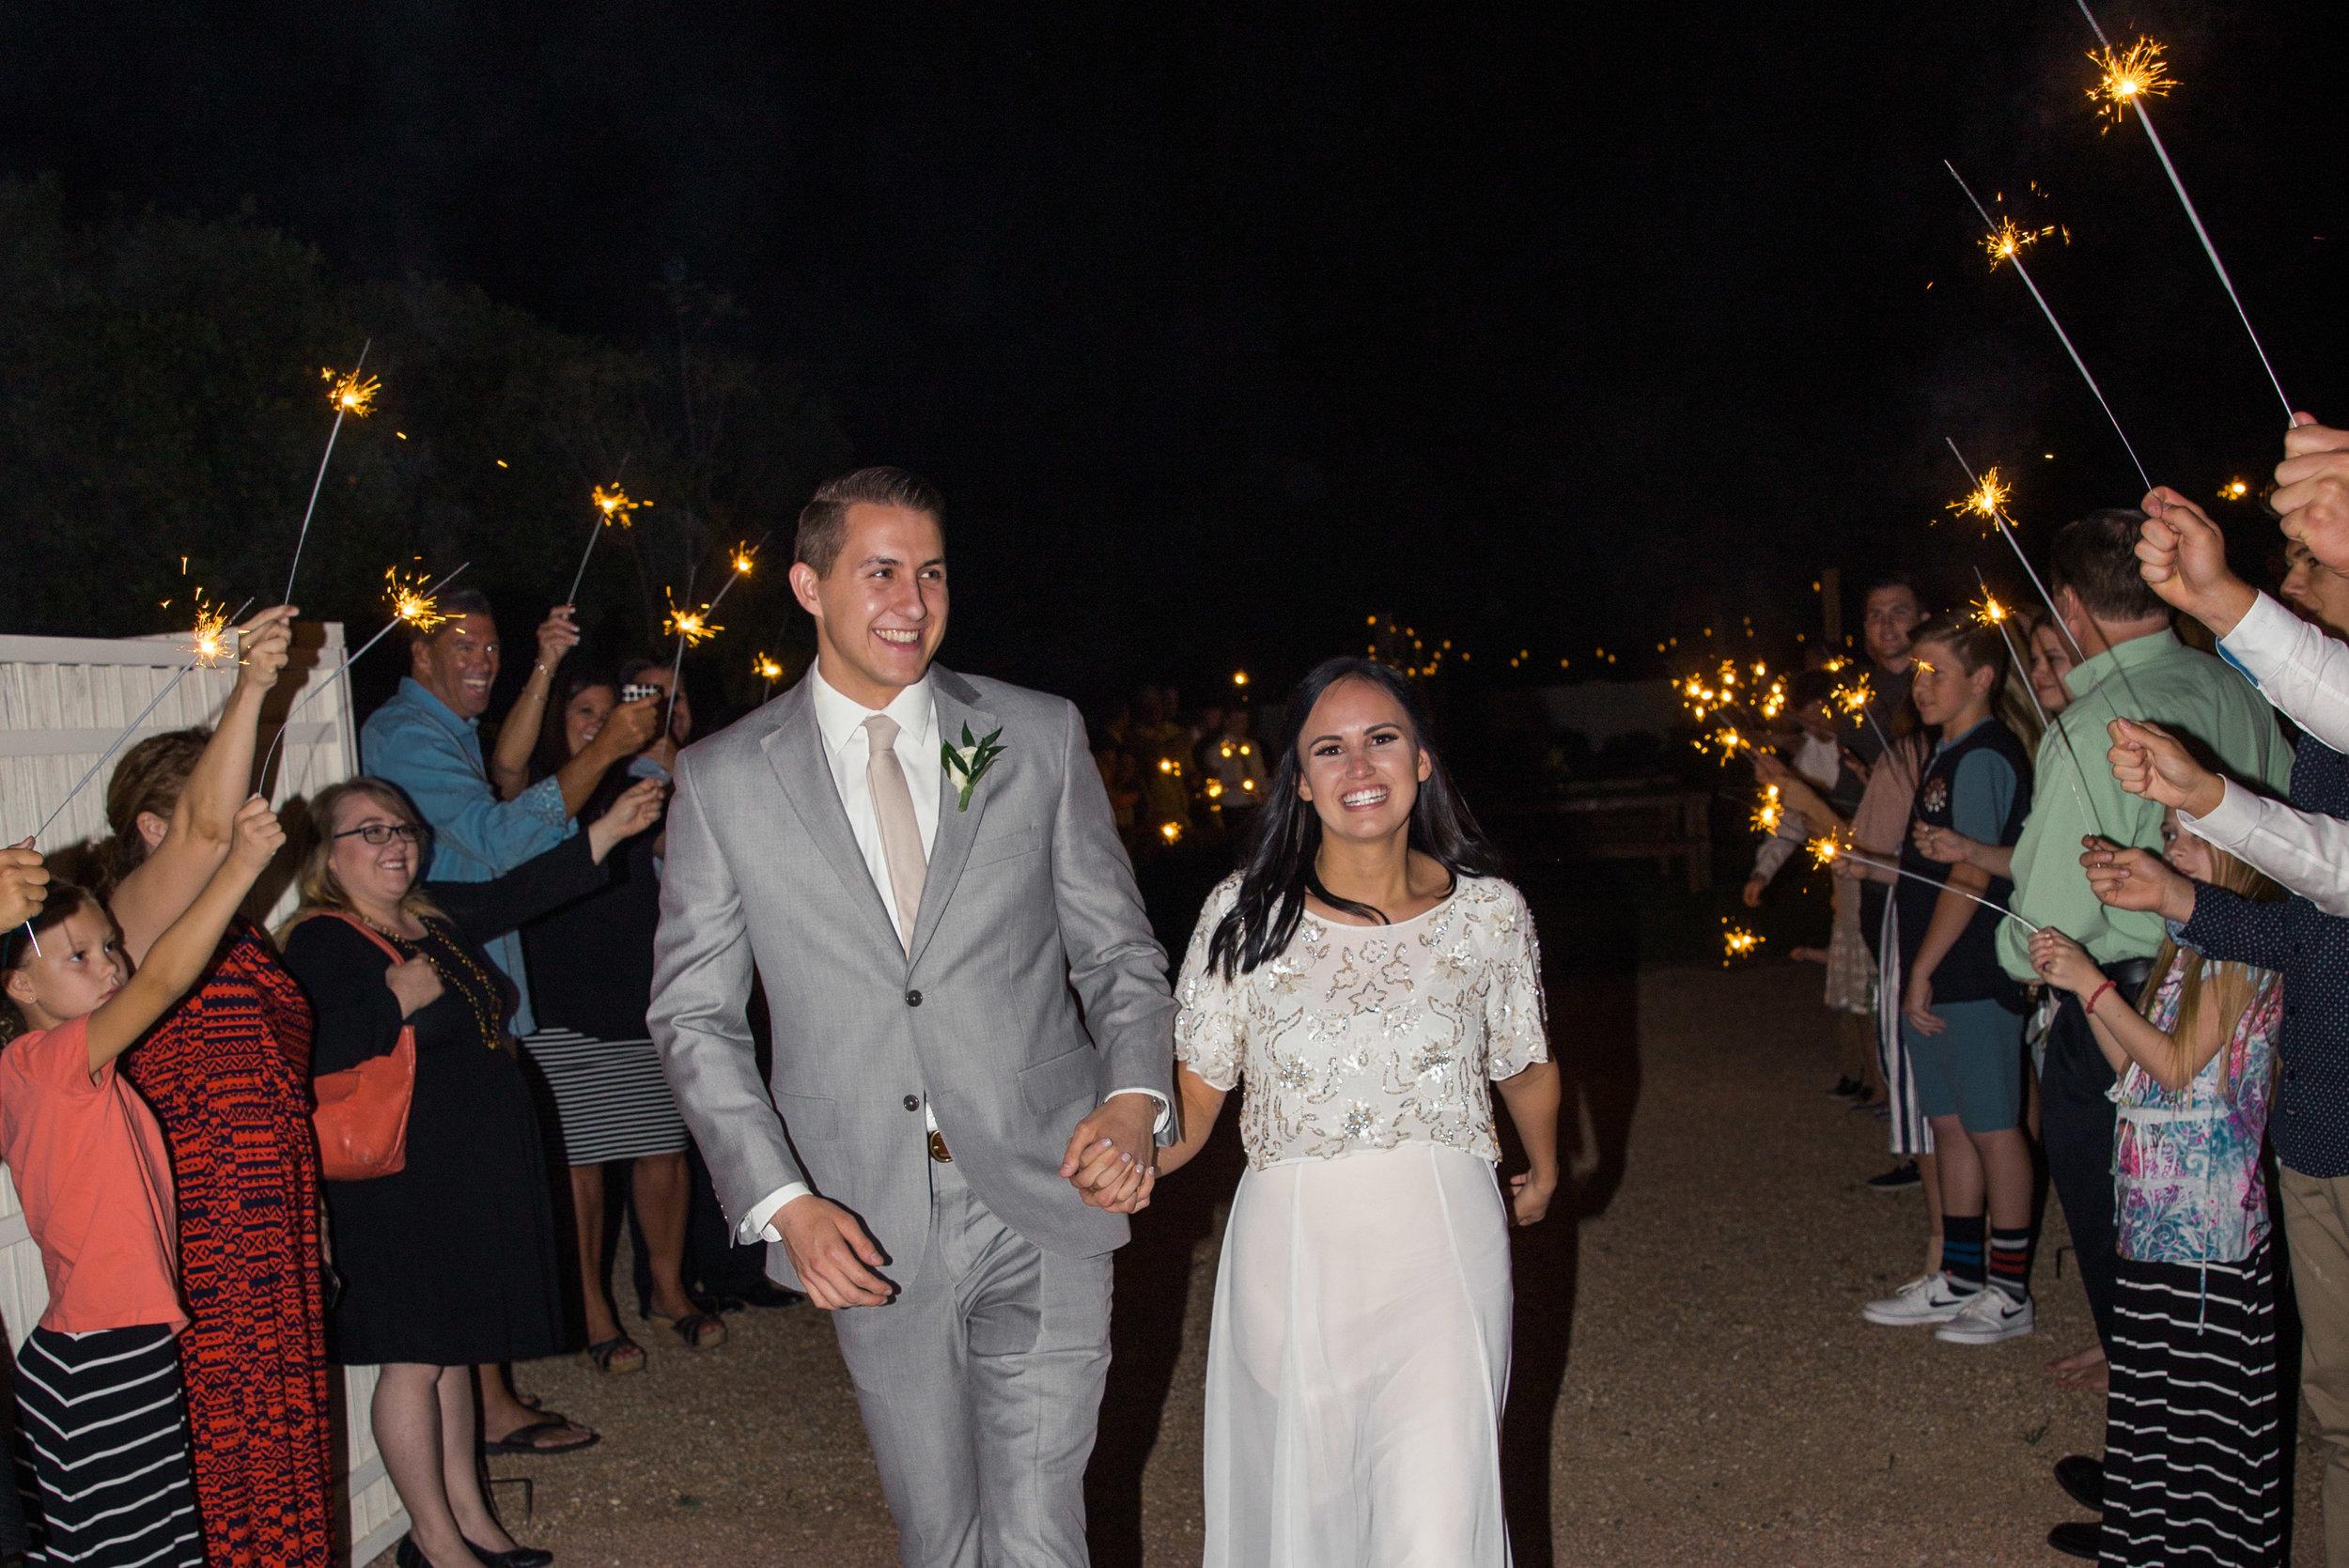 Wedding-378.jpg